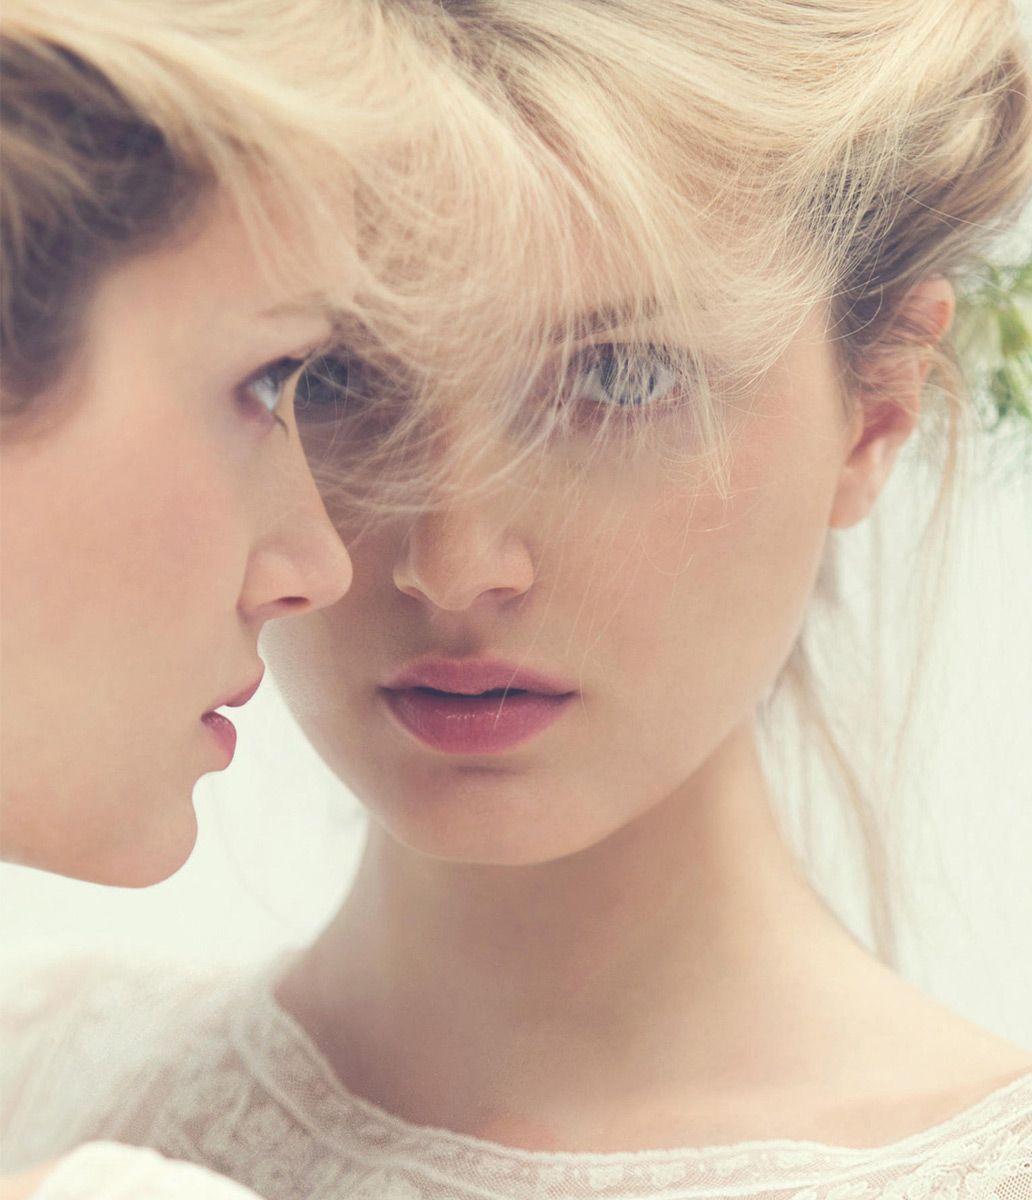 Британская топ-модель Лили Доналдсон в журнале Porter